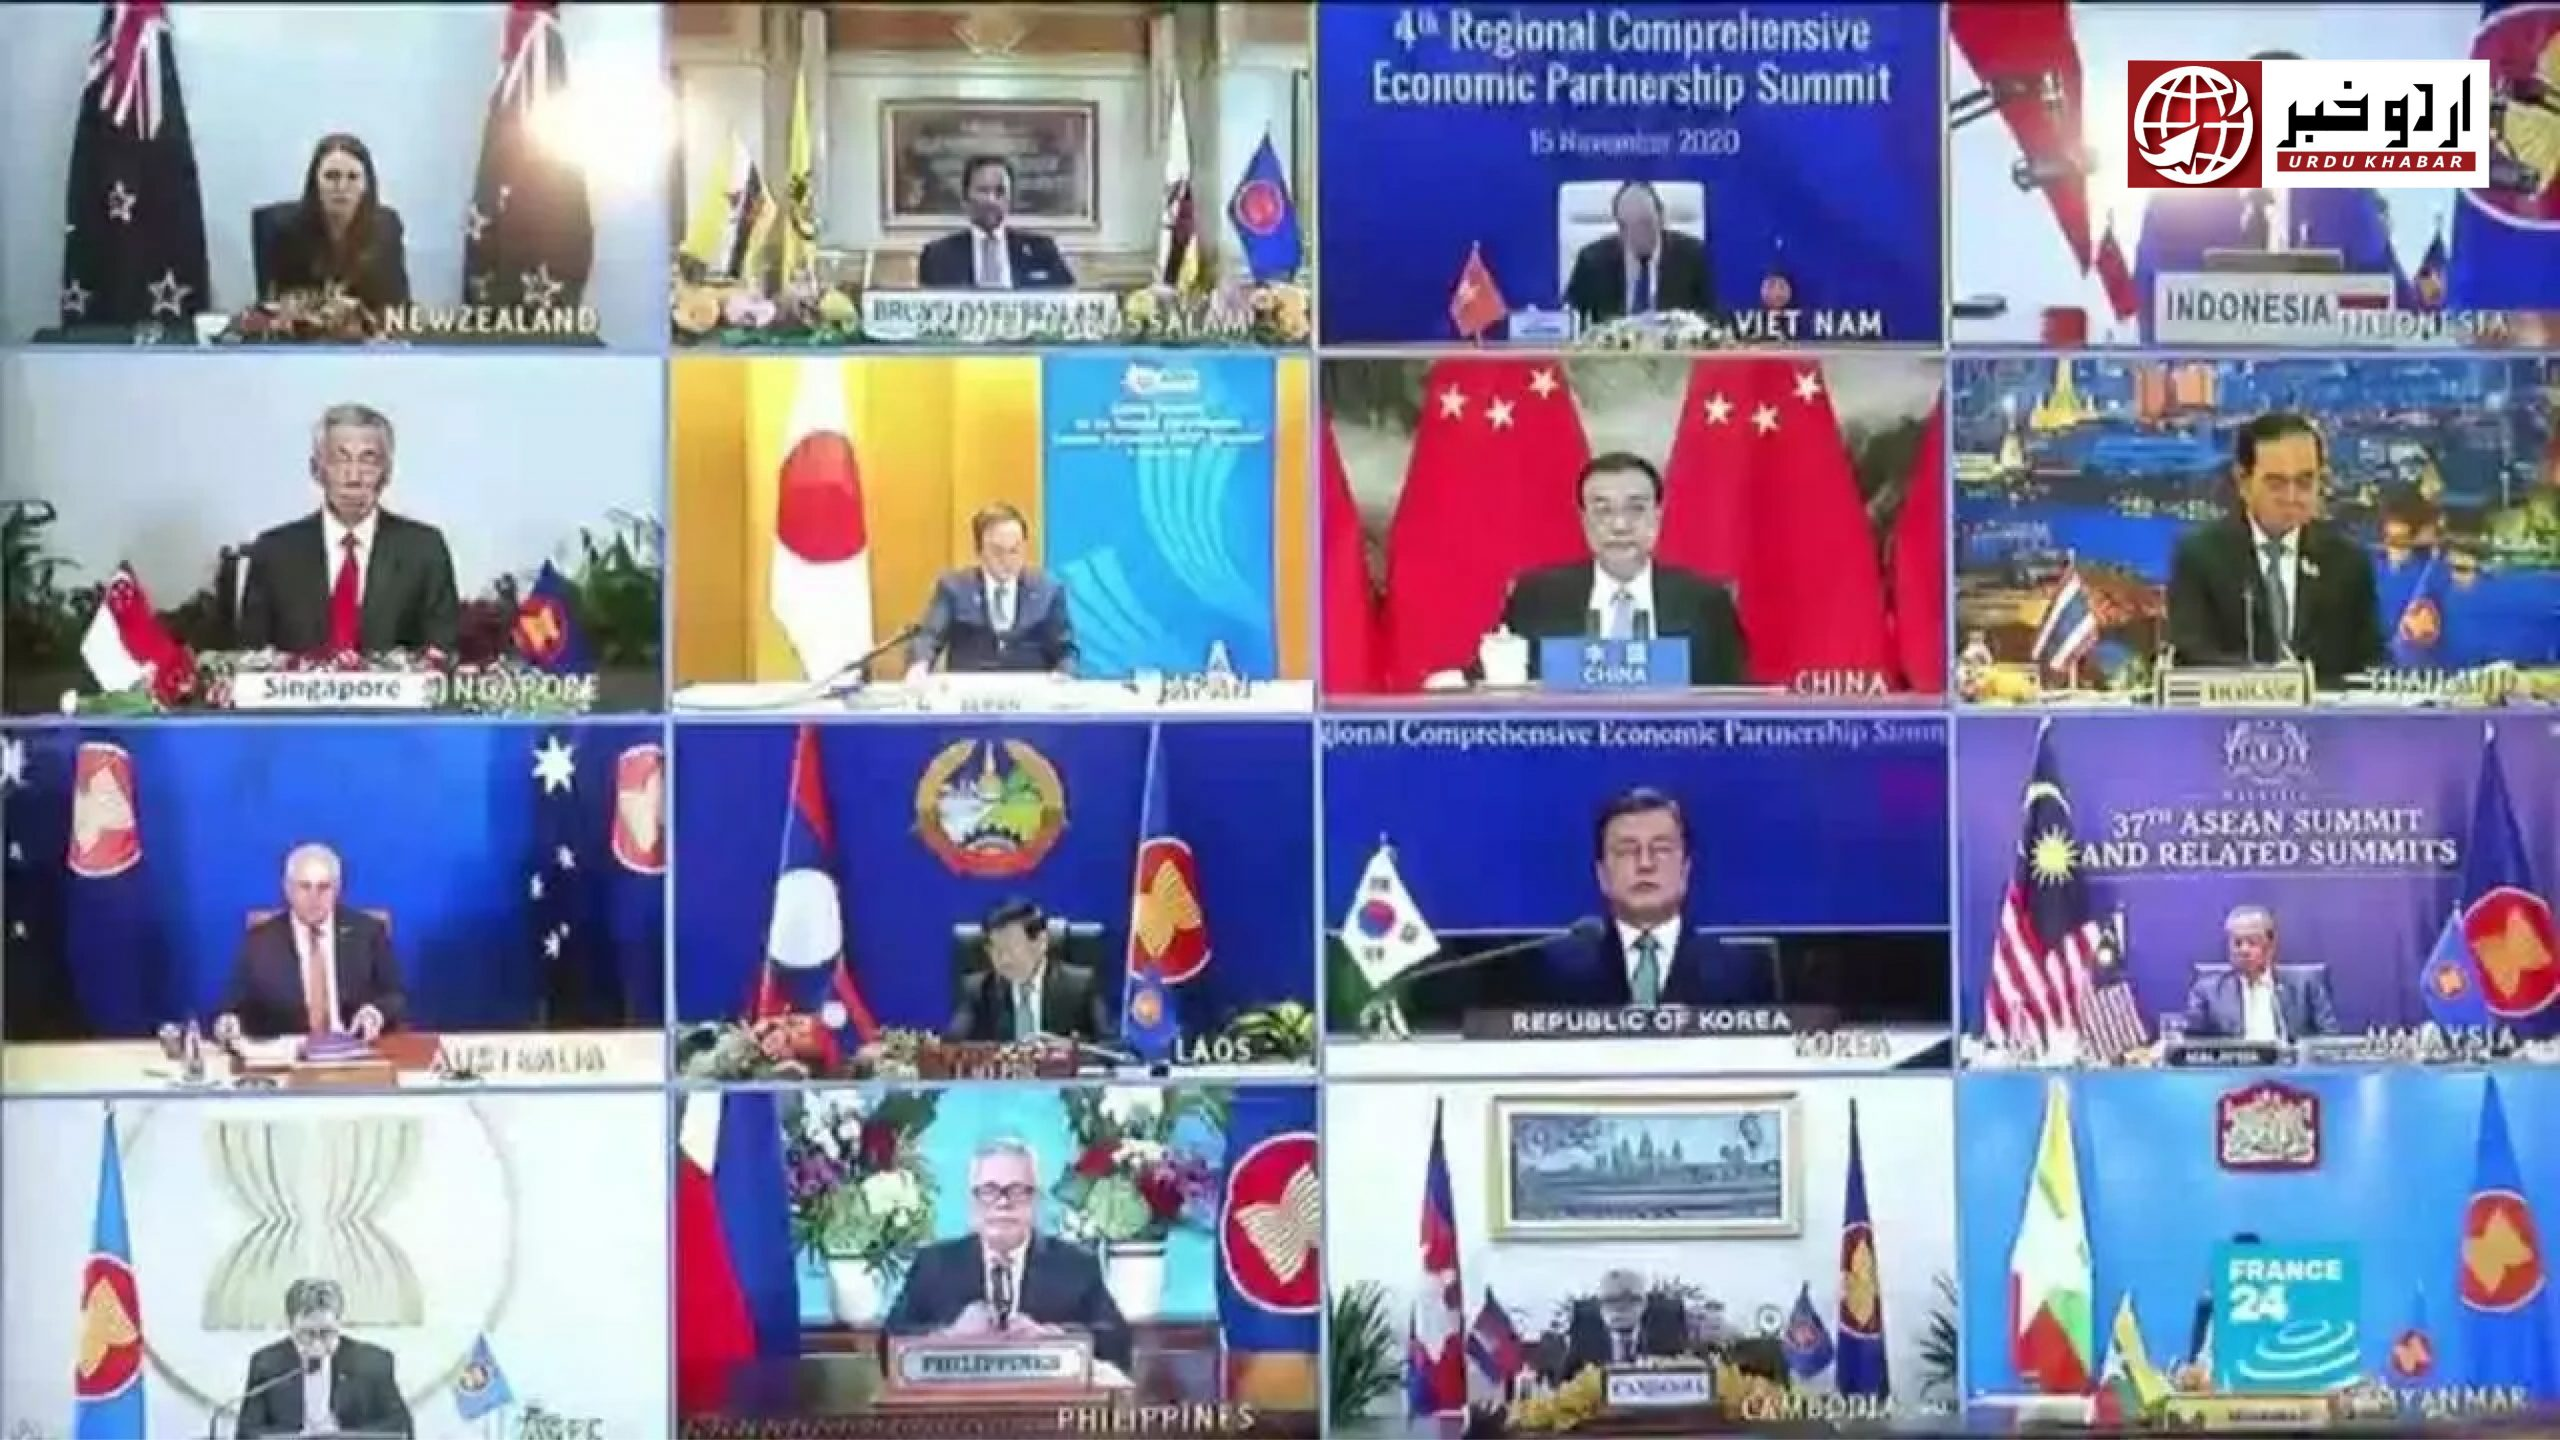 اتوار کو ایشیاء کے پندرہ ممالک نے دنیا کے سب سے بڑے آزاد تجارتی معاہدے پر دستخط کیے